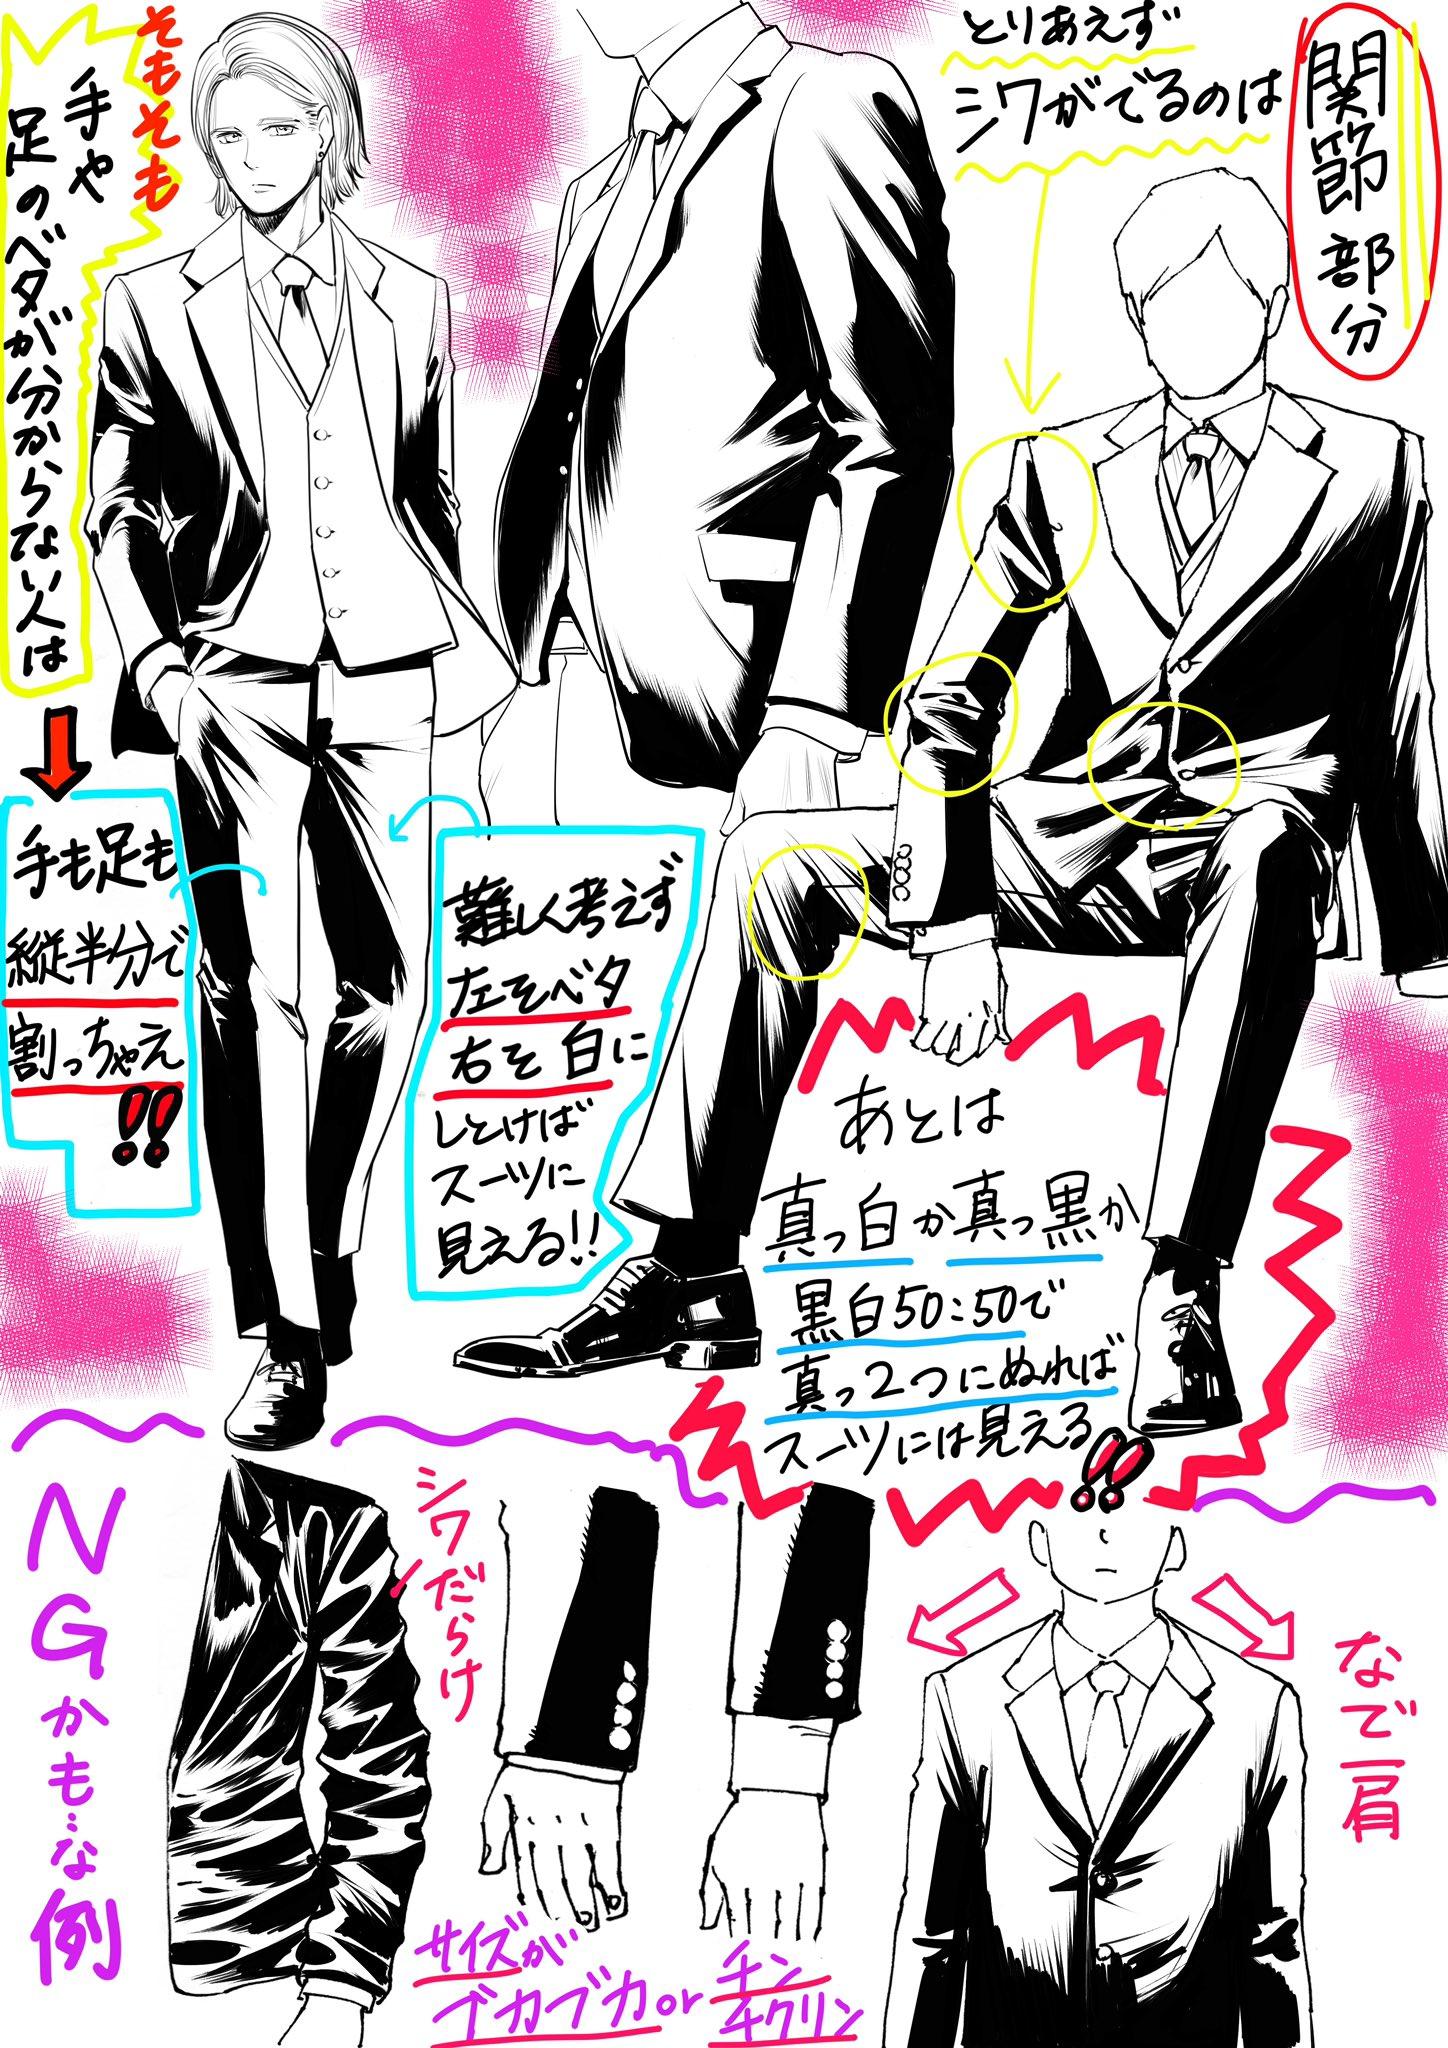 描き 方 しわ スーツ スーツの描き方講座 〜ワイシャツ・ジャケット・スラックス〜 お絵かき講座パルミー